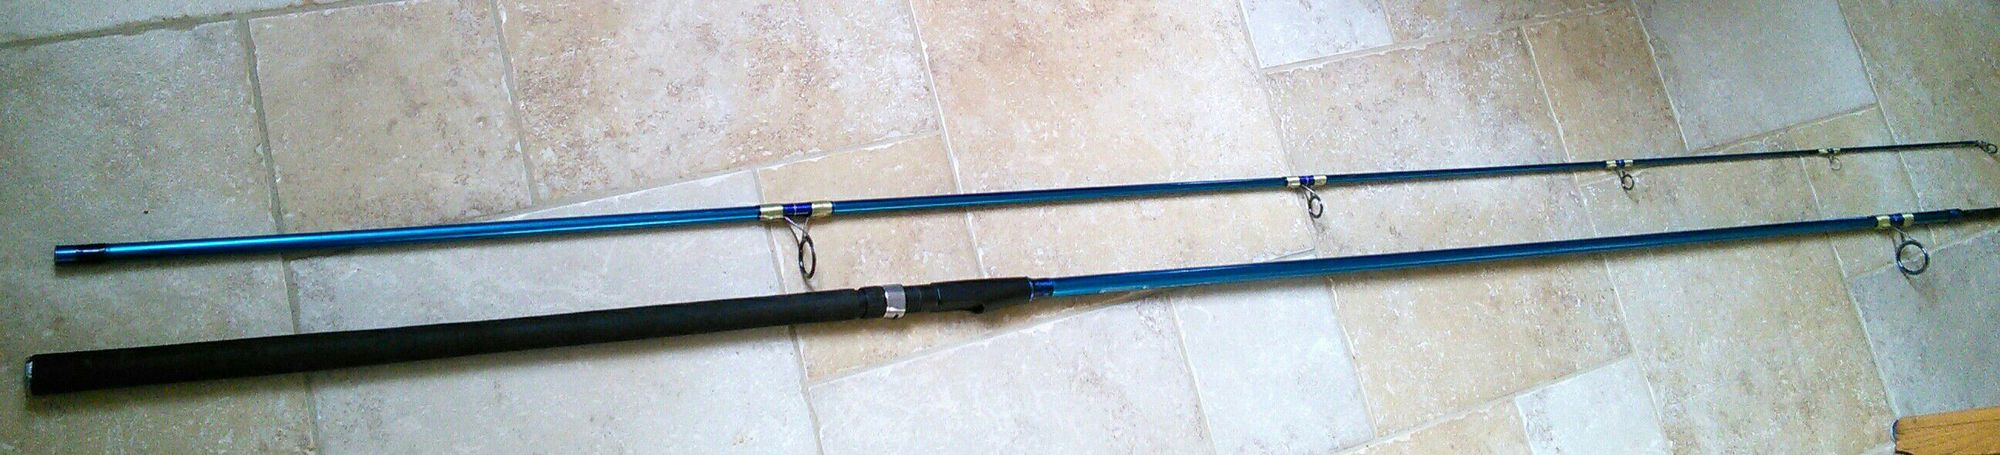 Pezon & Michel Reef Bull Cast (bulrag, bulle d'eau, flotteur) (bleue) (3.9 m)